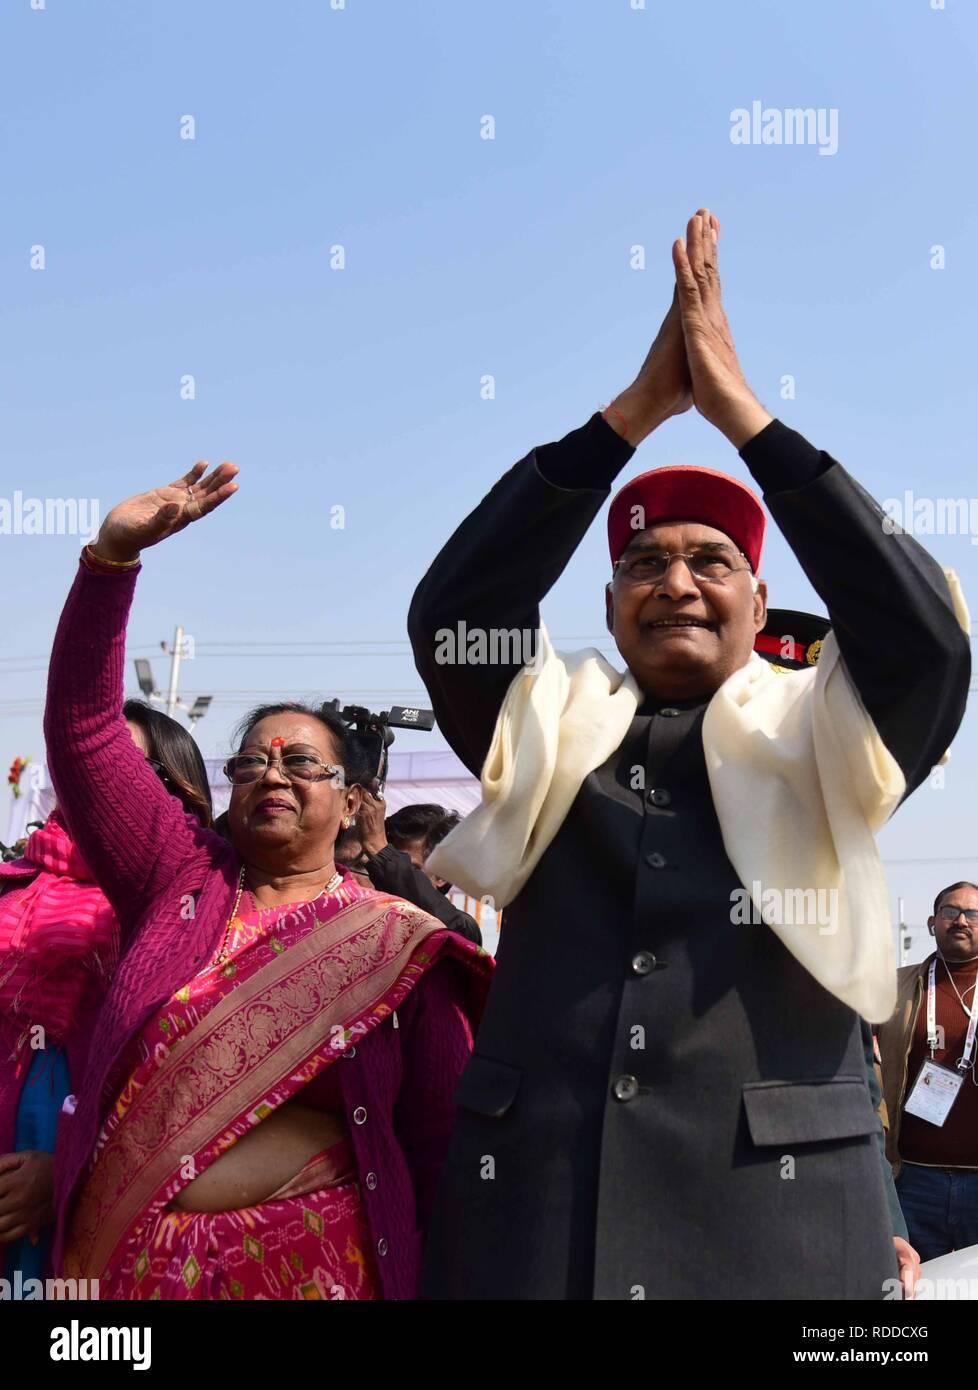 Di Allahabad, Uttar Pradesh, India. Xvii gen, 2019. India del Presidente di RAM NATH KOVIND e sua moglie wave come sono arrivati a Sangam per Ganga Pujan in Allahabad durante il Kumbh Mela. Credito: Prabhat Kumar Verma/ZUMA filo/Alamy Live News Foto Stock